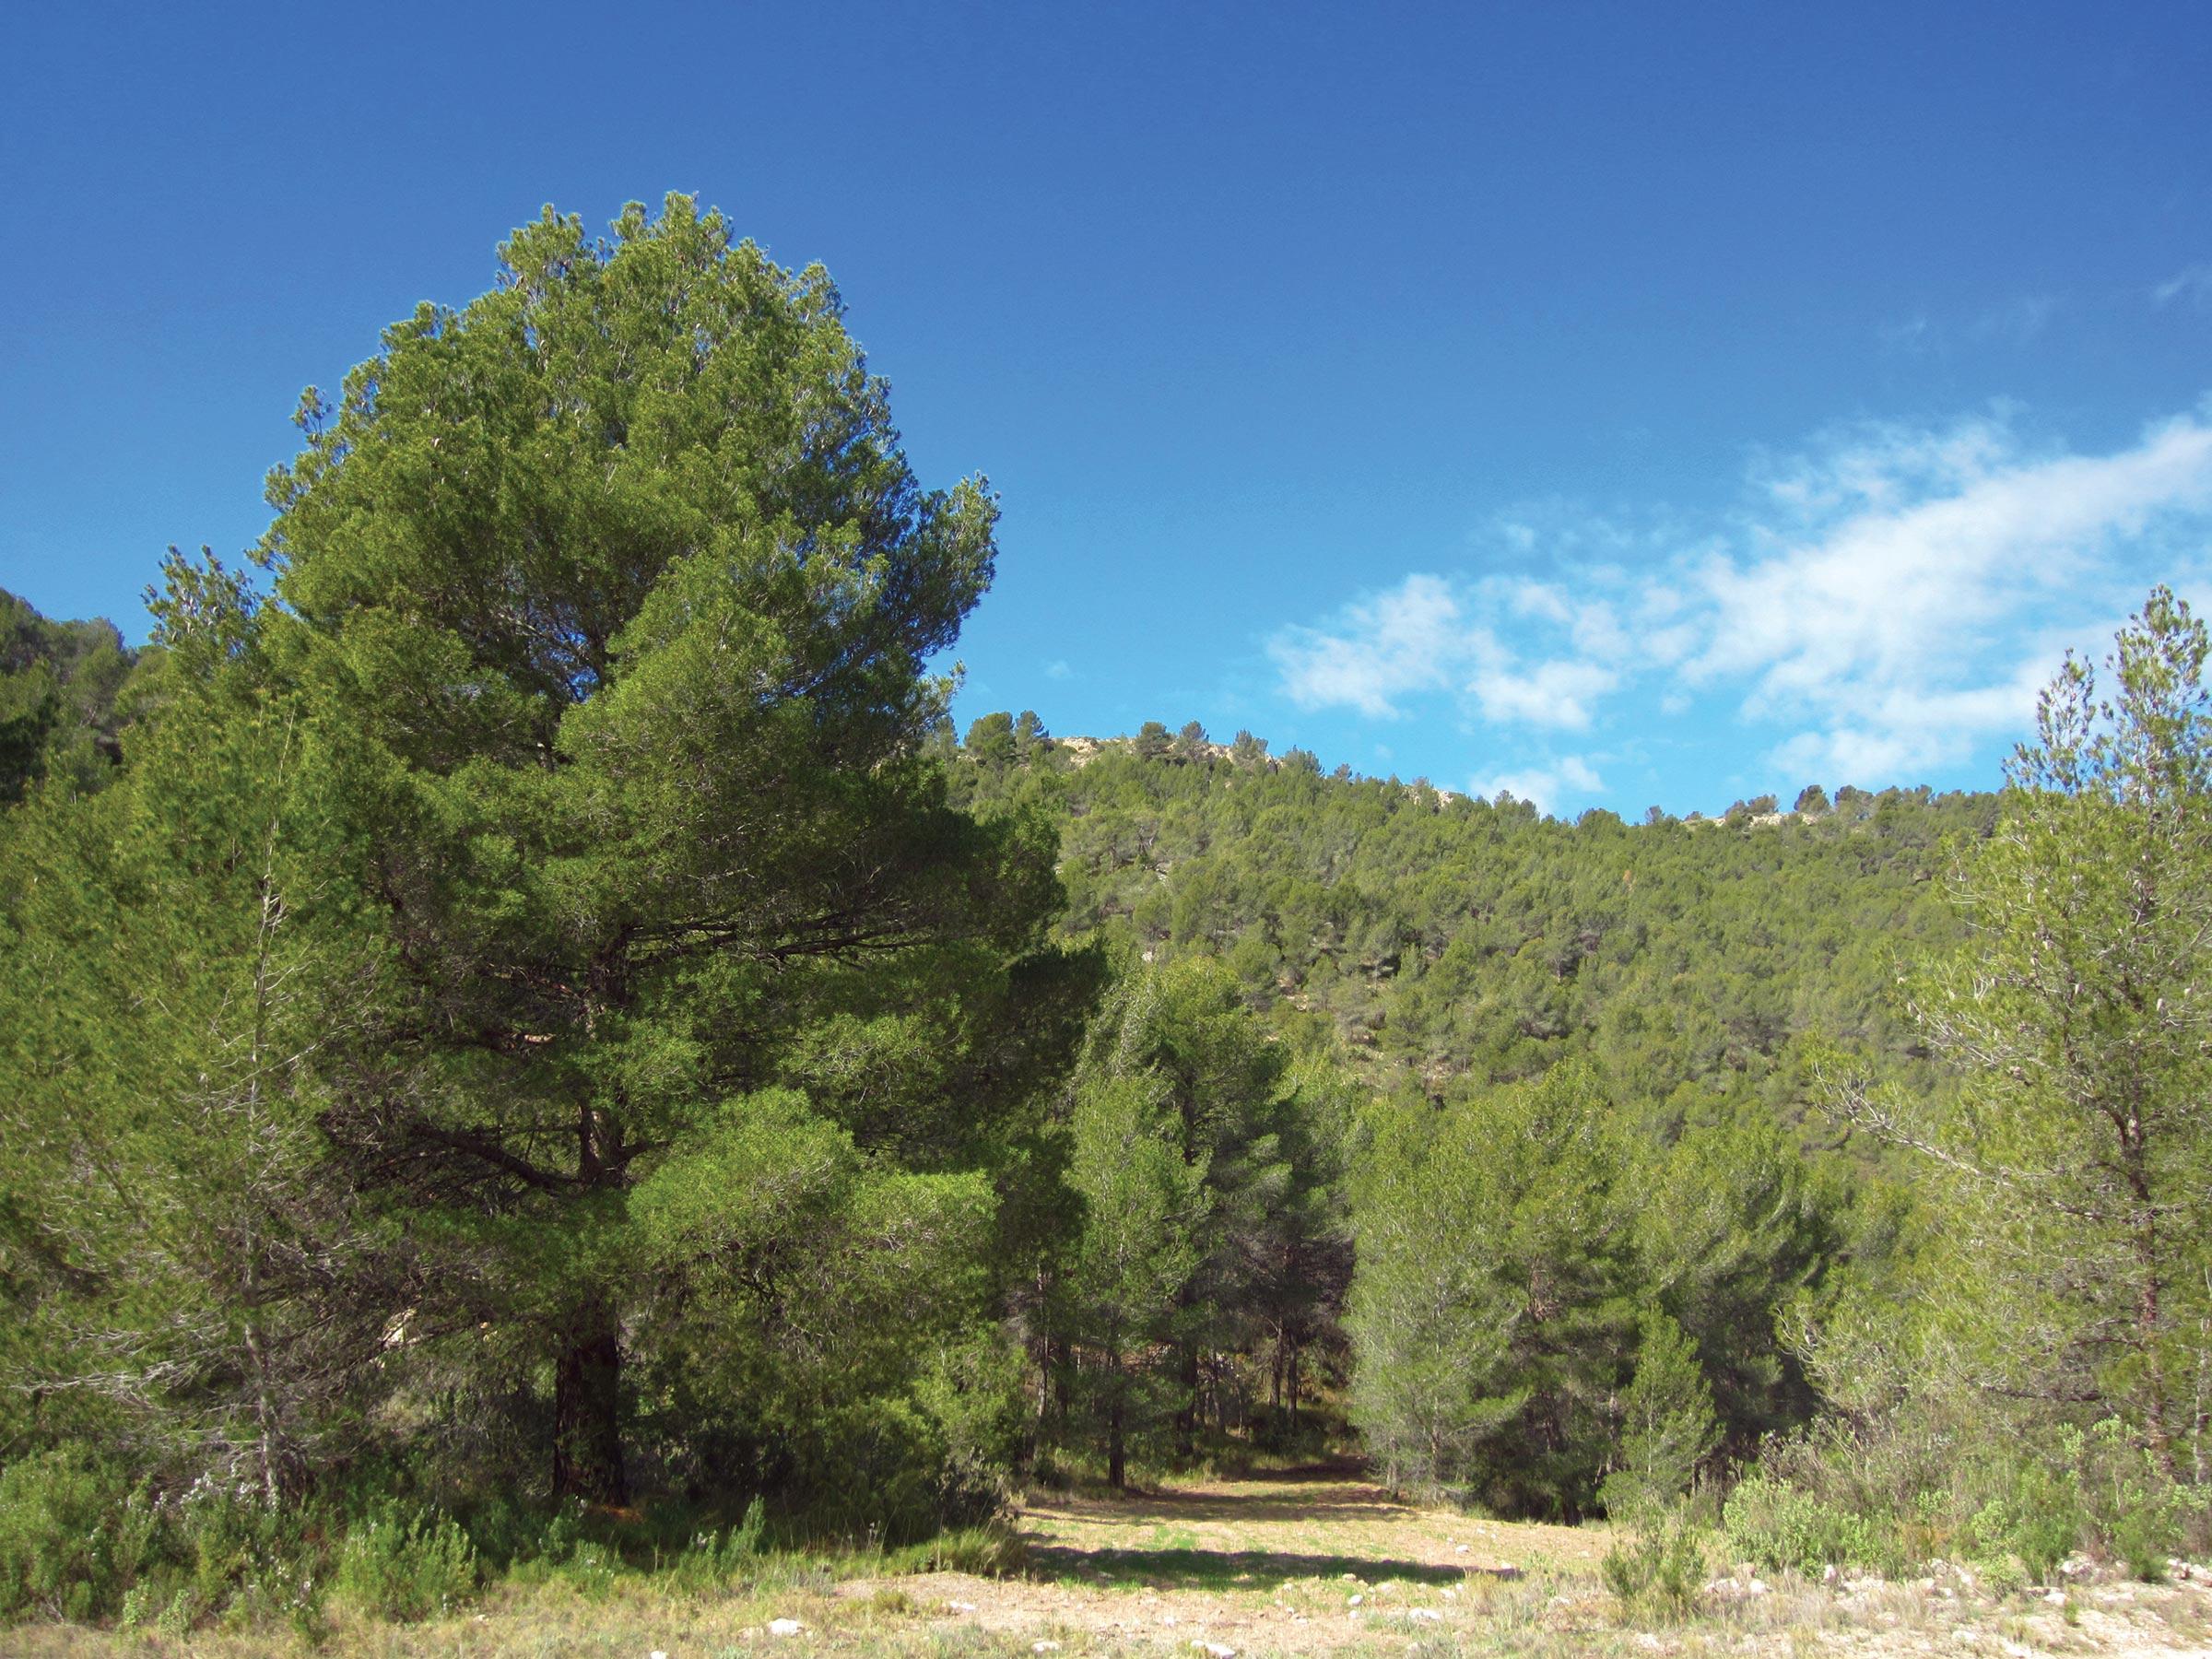 aleppo pine - Aleppo Pine